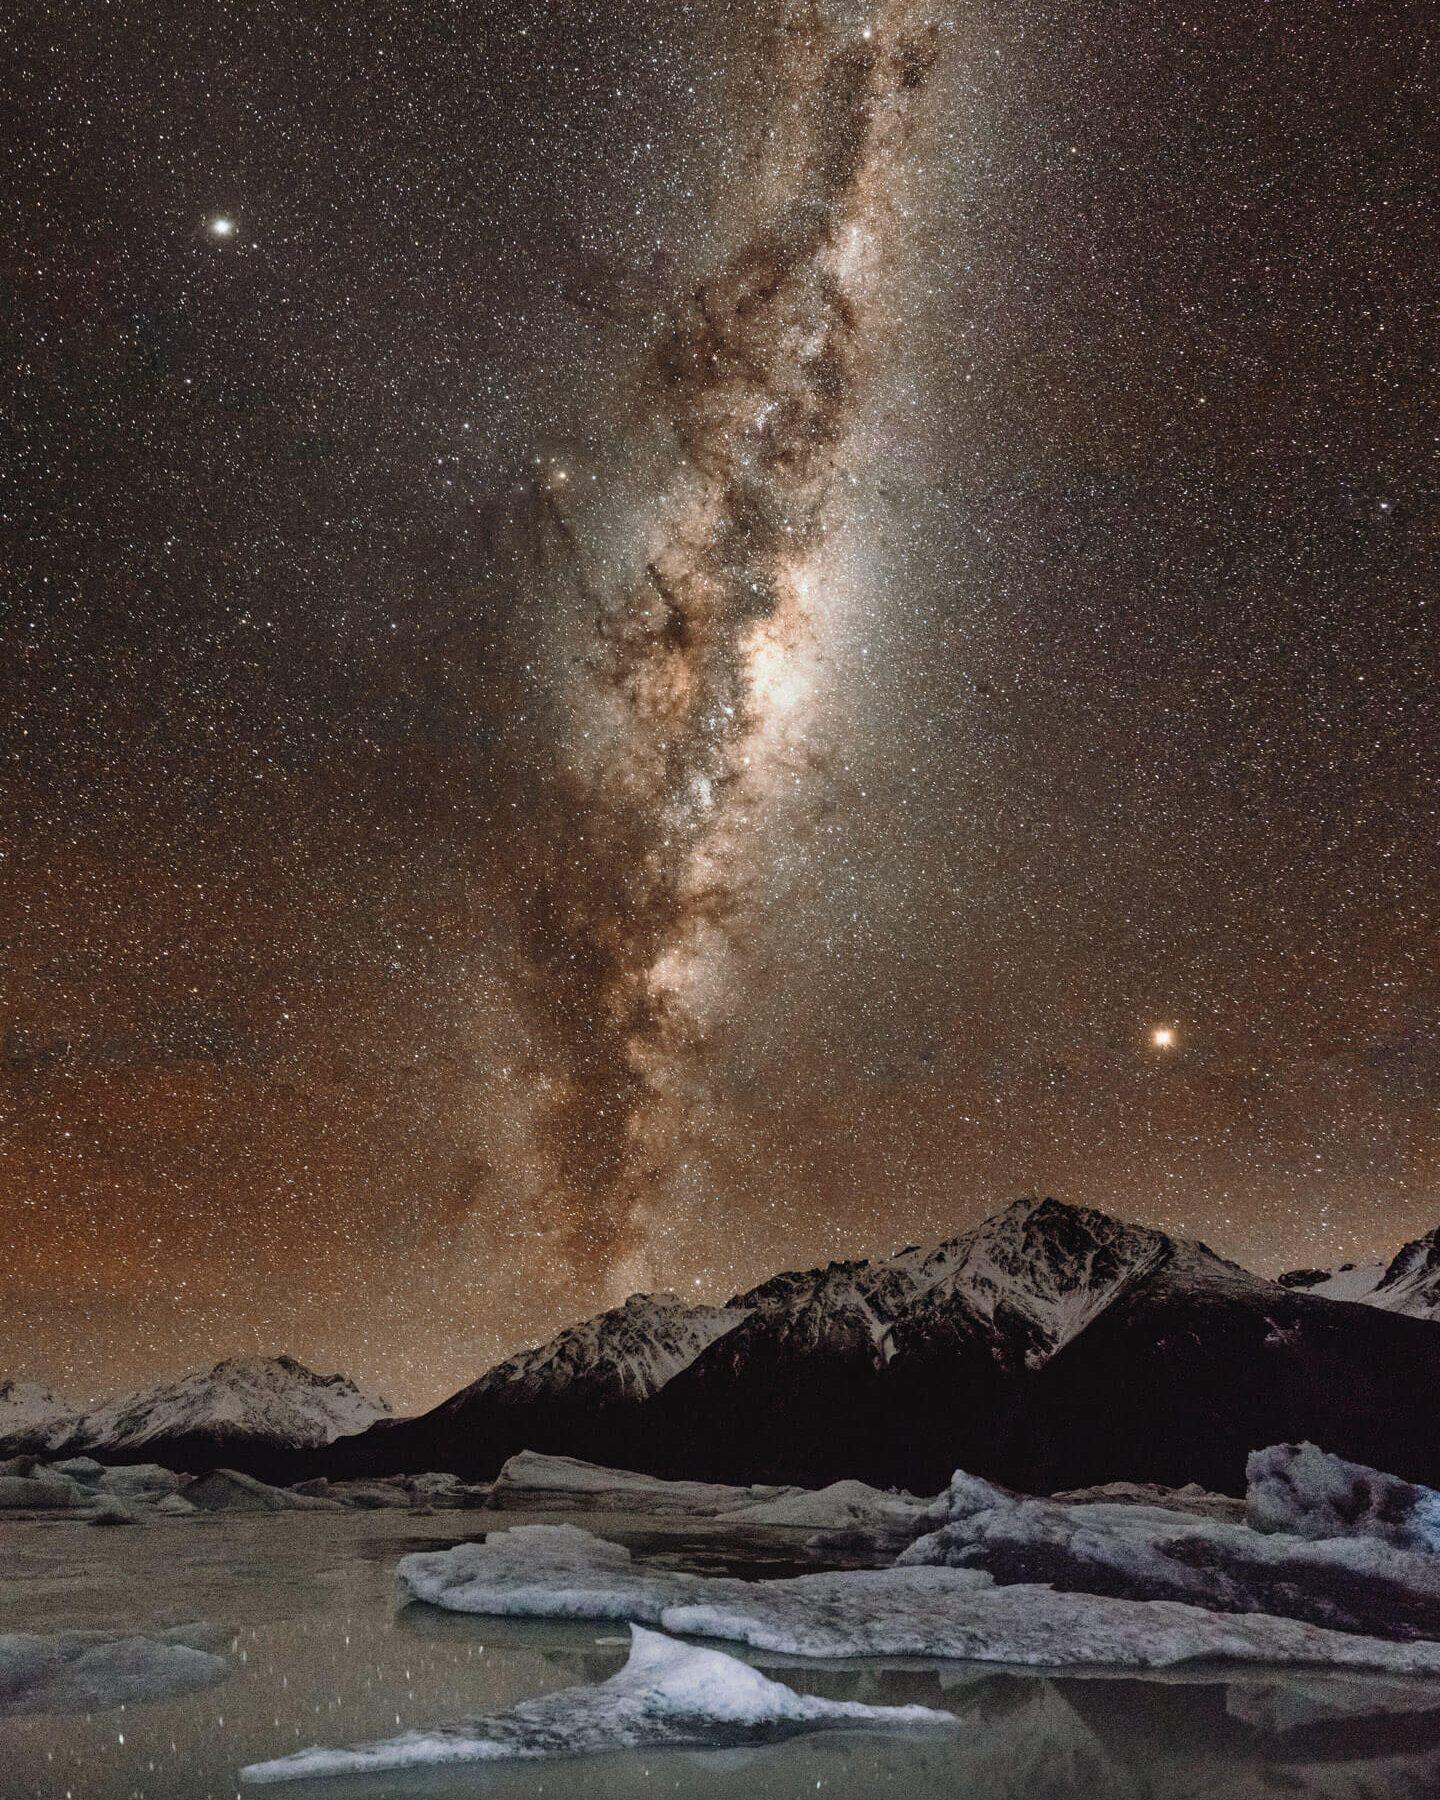 NZ_bloginhalt342A4267-Pano_0018